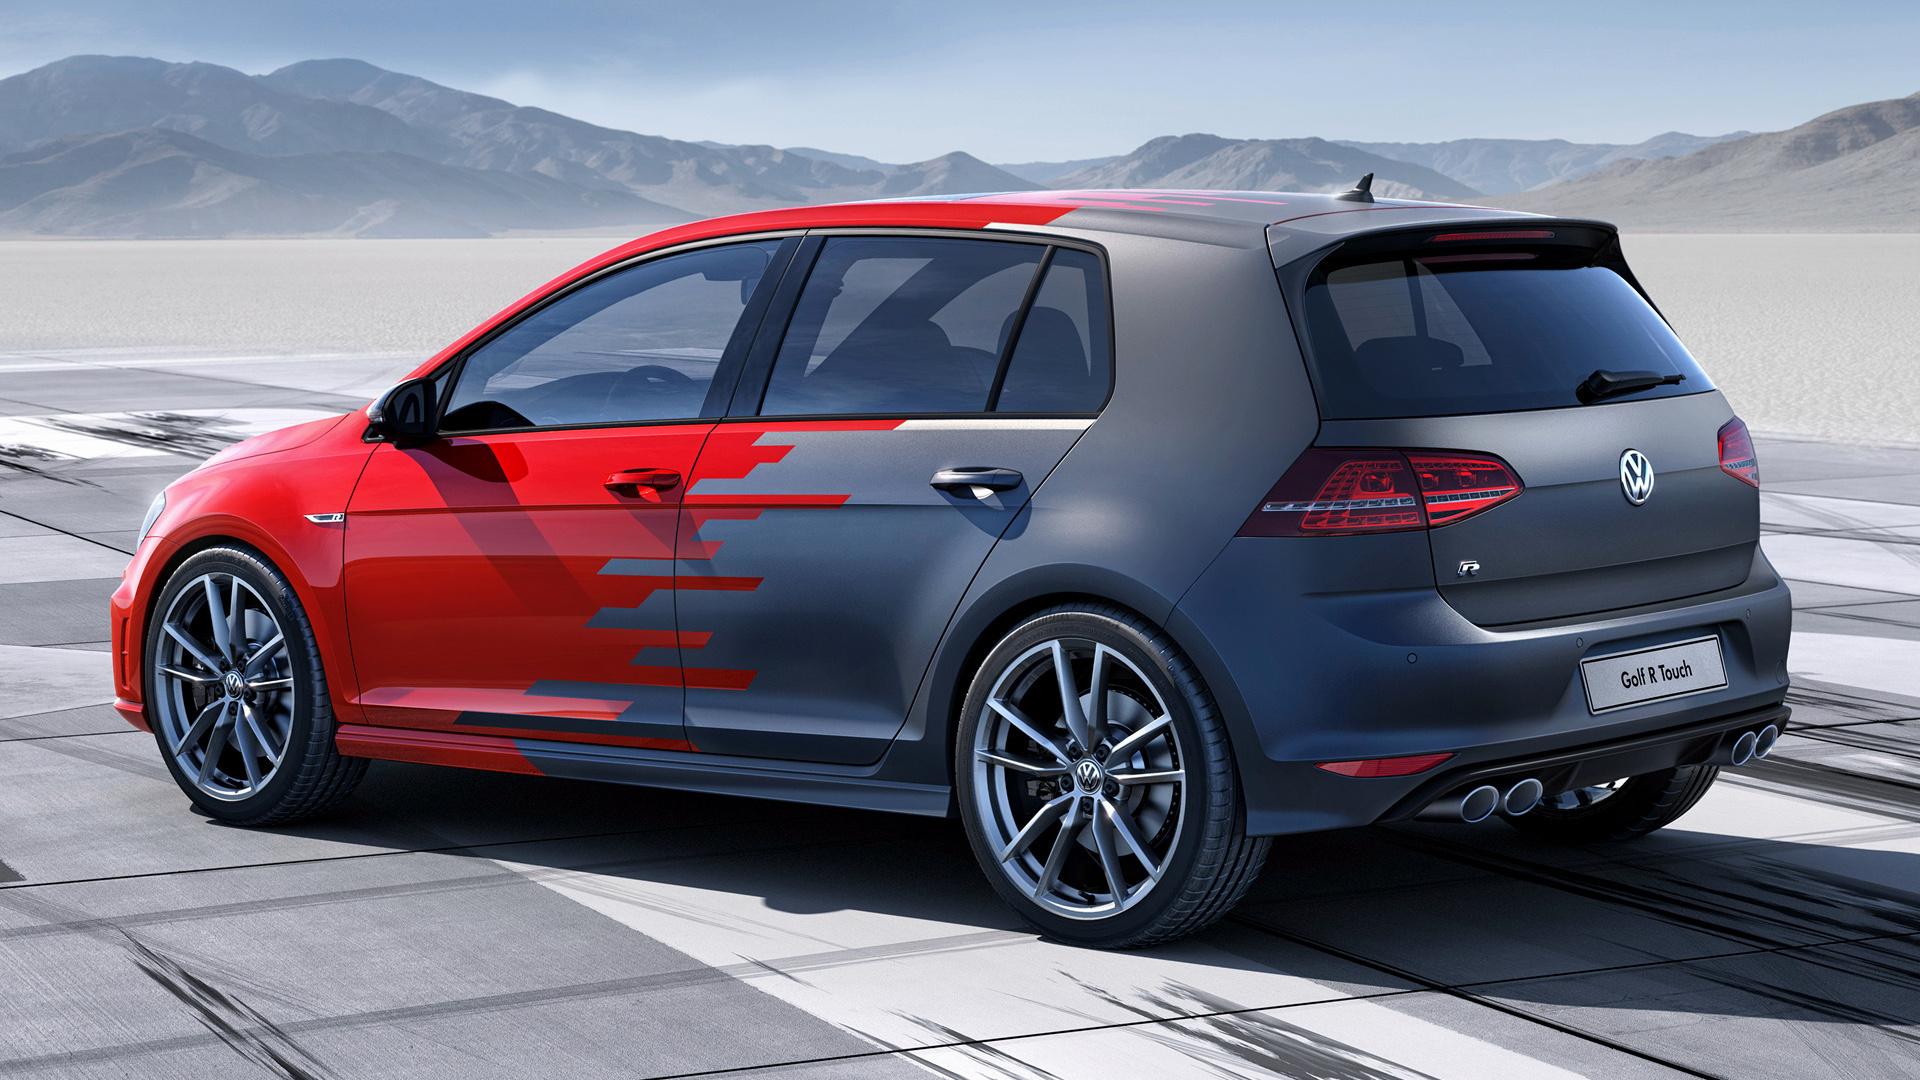 Volkswagen Golf R Touch 5-door (2015) Wallpapers and HD ...